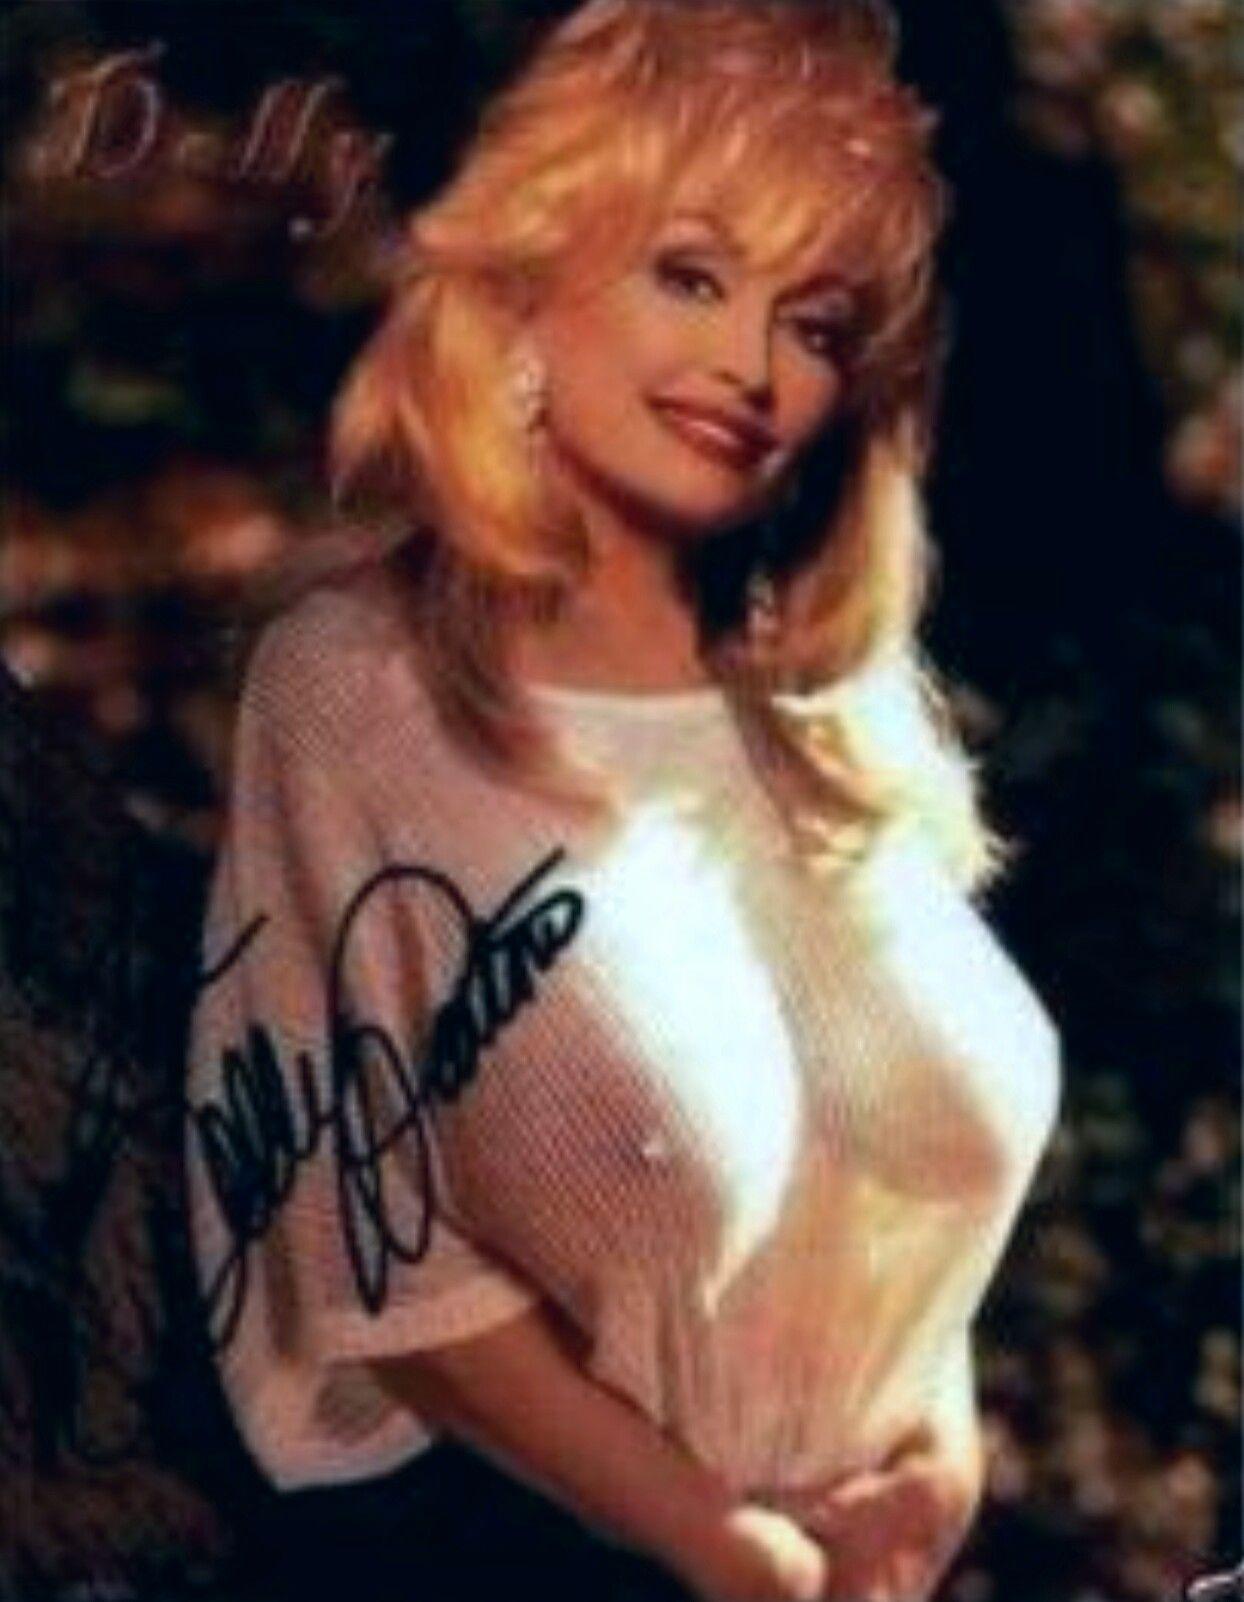 dolly parton breast nude